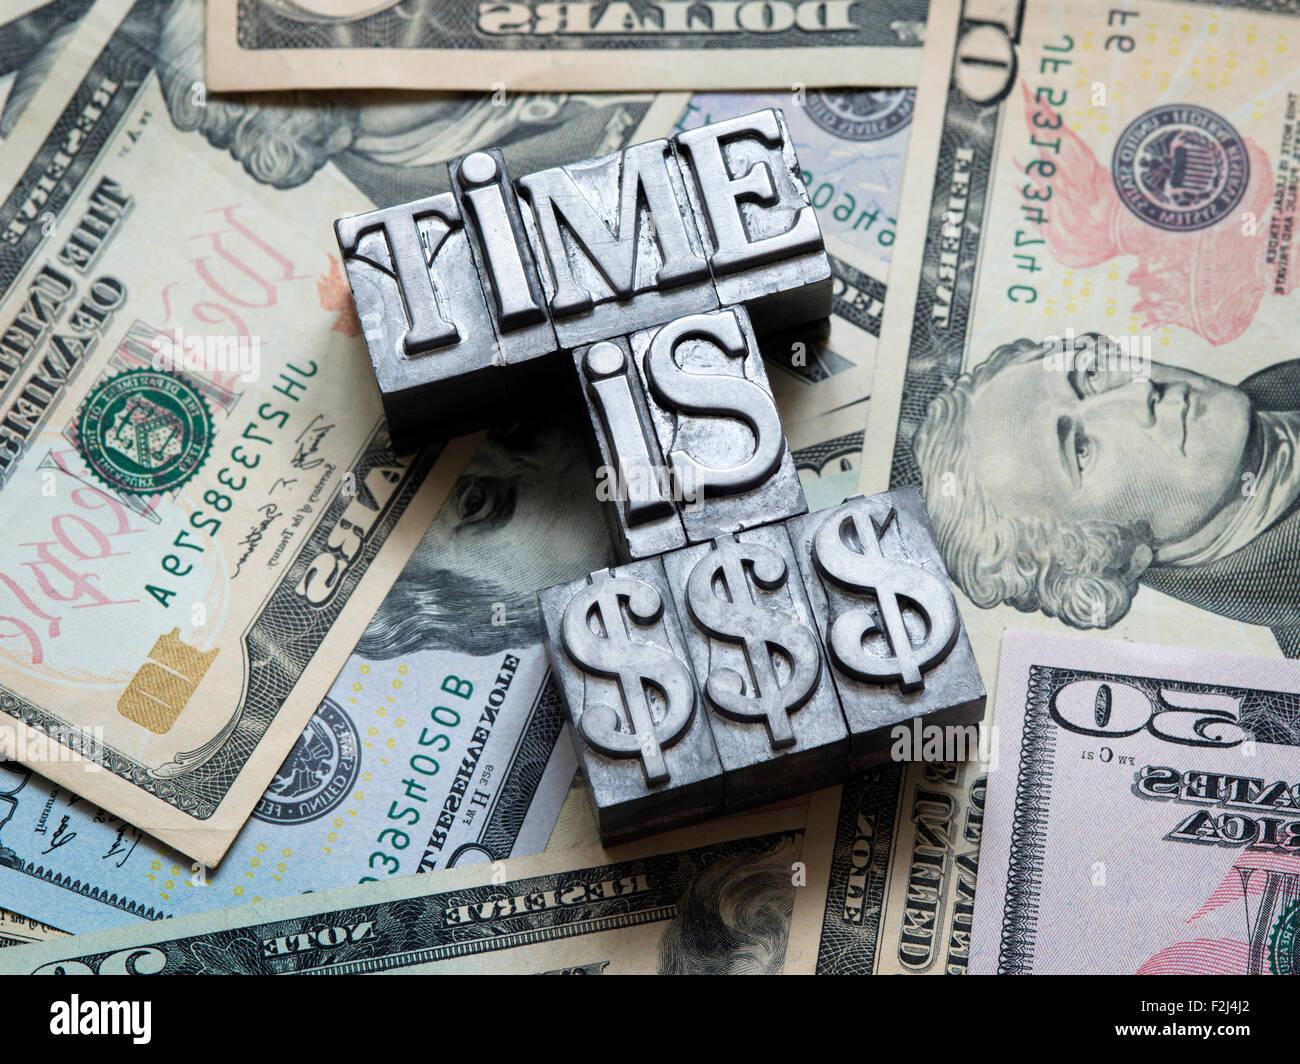 El tiempo es dinero concepto de tipografía metálica por montones de dólares de los EE.UU. Imagen De Stock